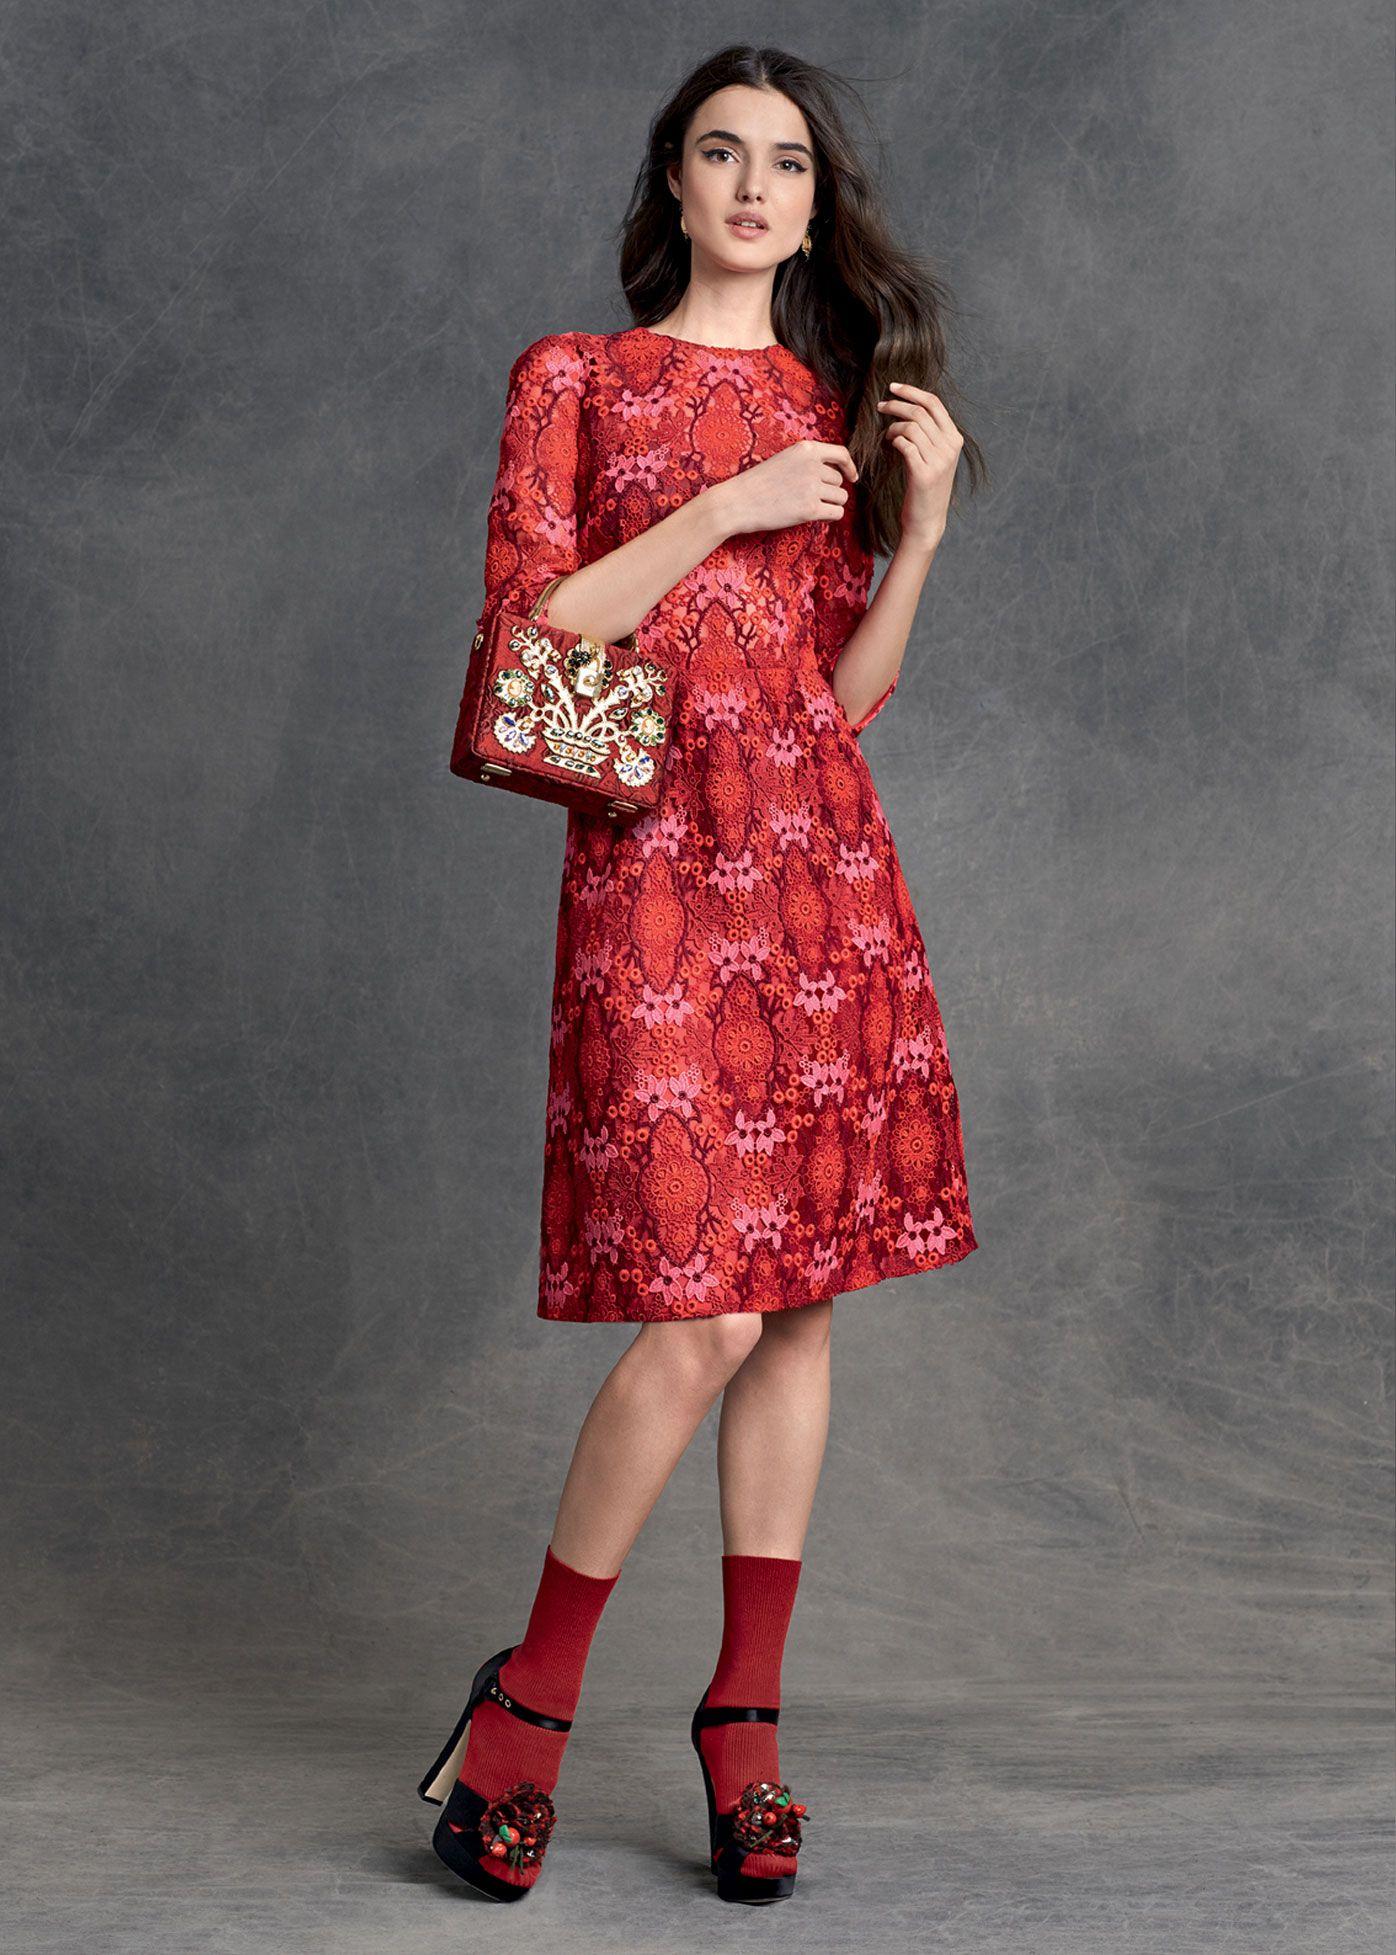 7a65cae215f3 Dolce   Gabbana Abbigliamento Donna Inverno 2016 Abito Elegante